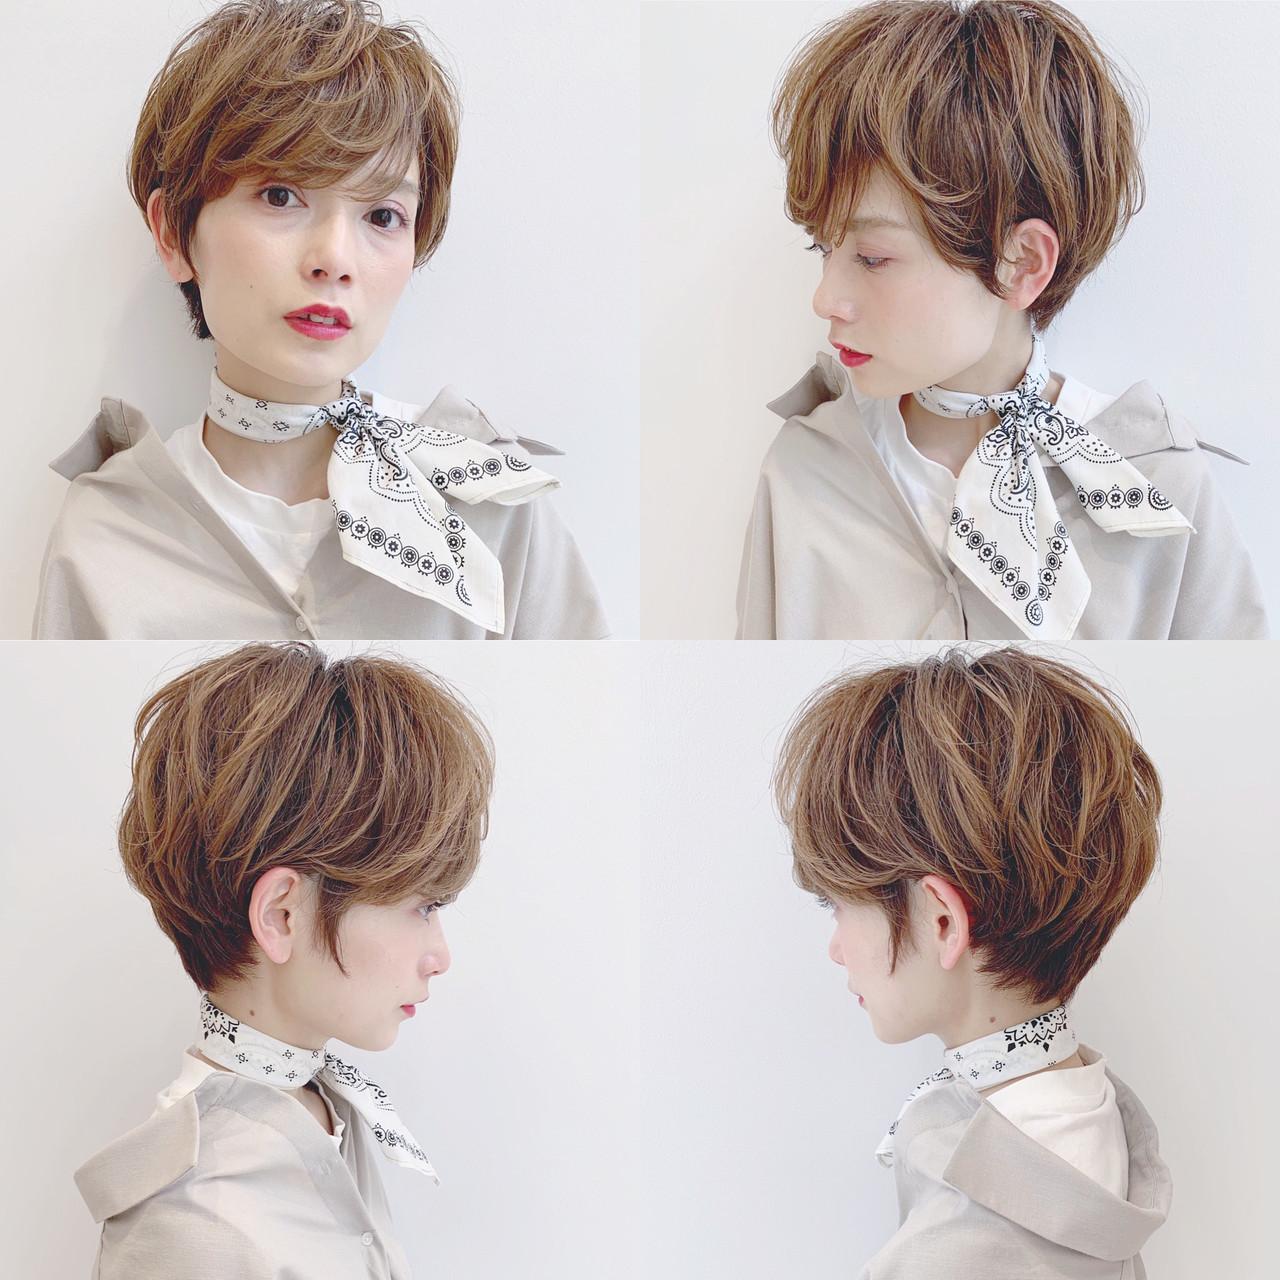 ショート 簡単ヘアアレンジ ナチュラル パーマ ヘアスタイルや髪型の写真・画像 | ショートヘア美容師 #ナカイヒロキ / 『send by HAIR』